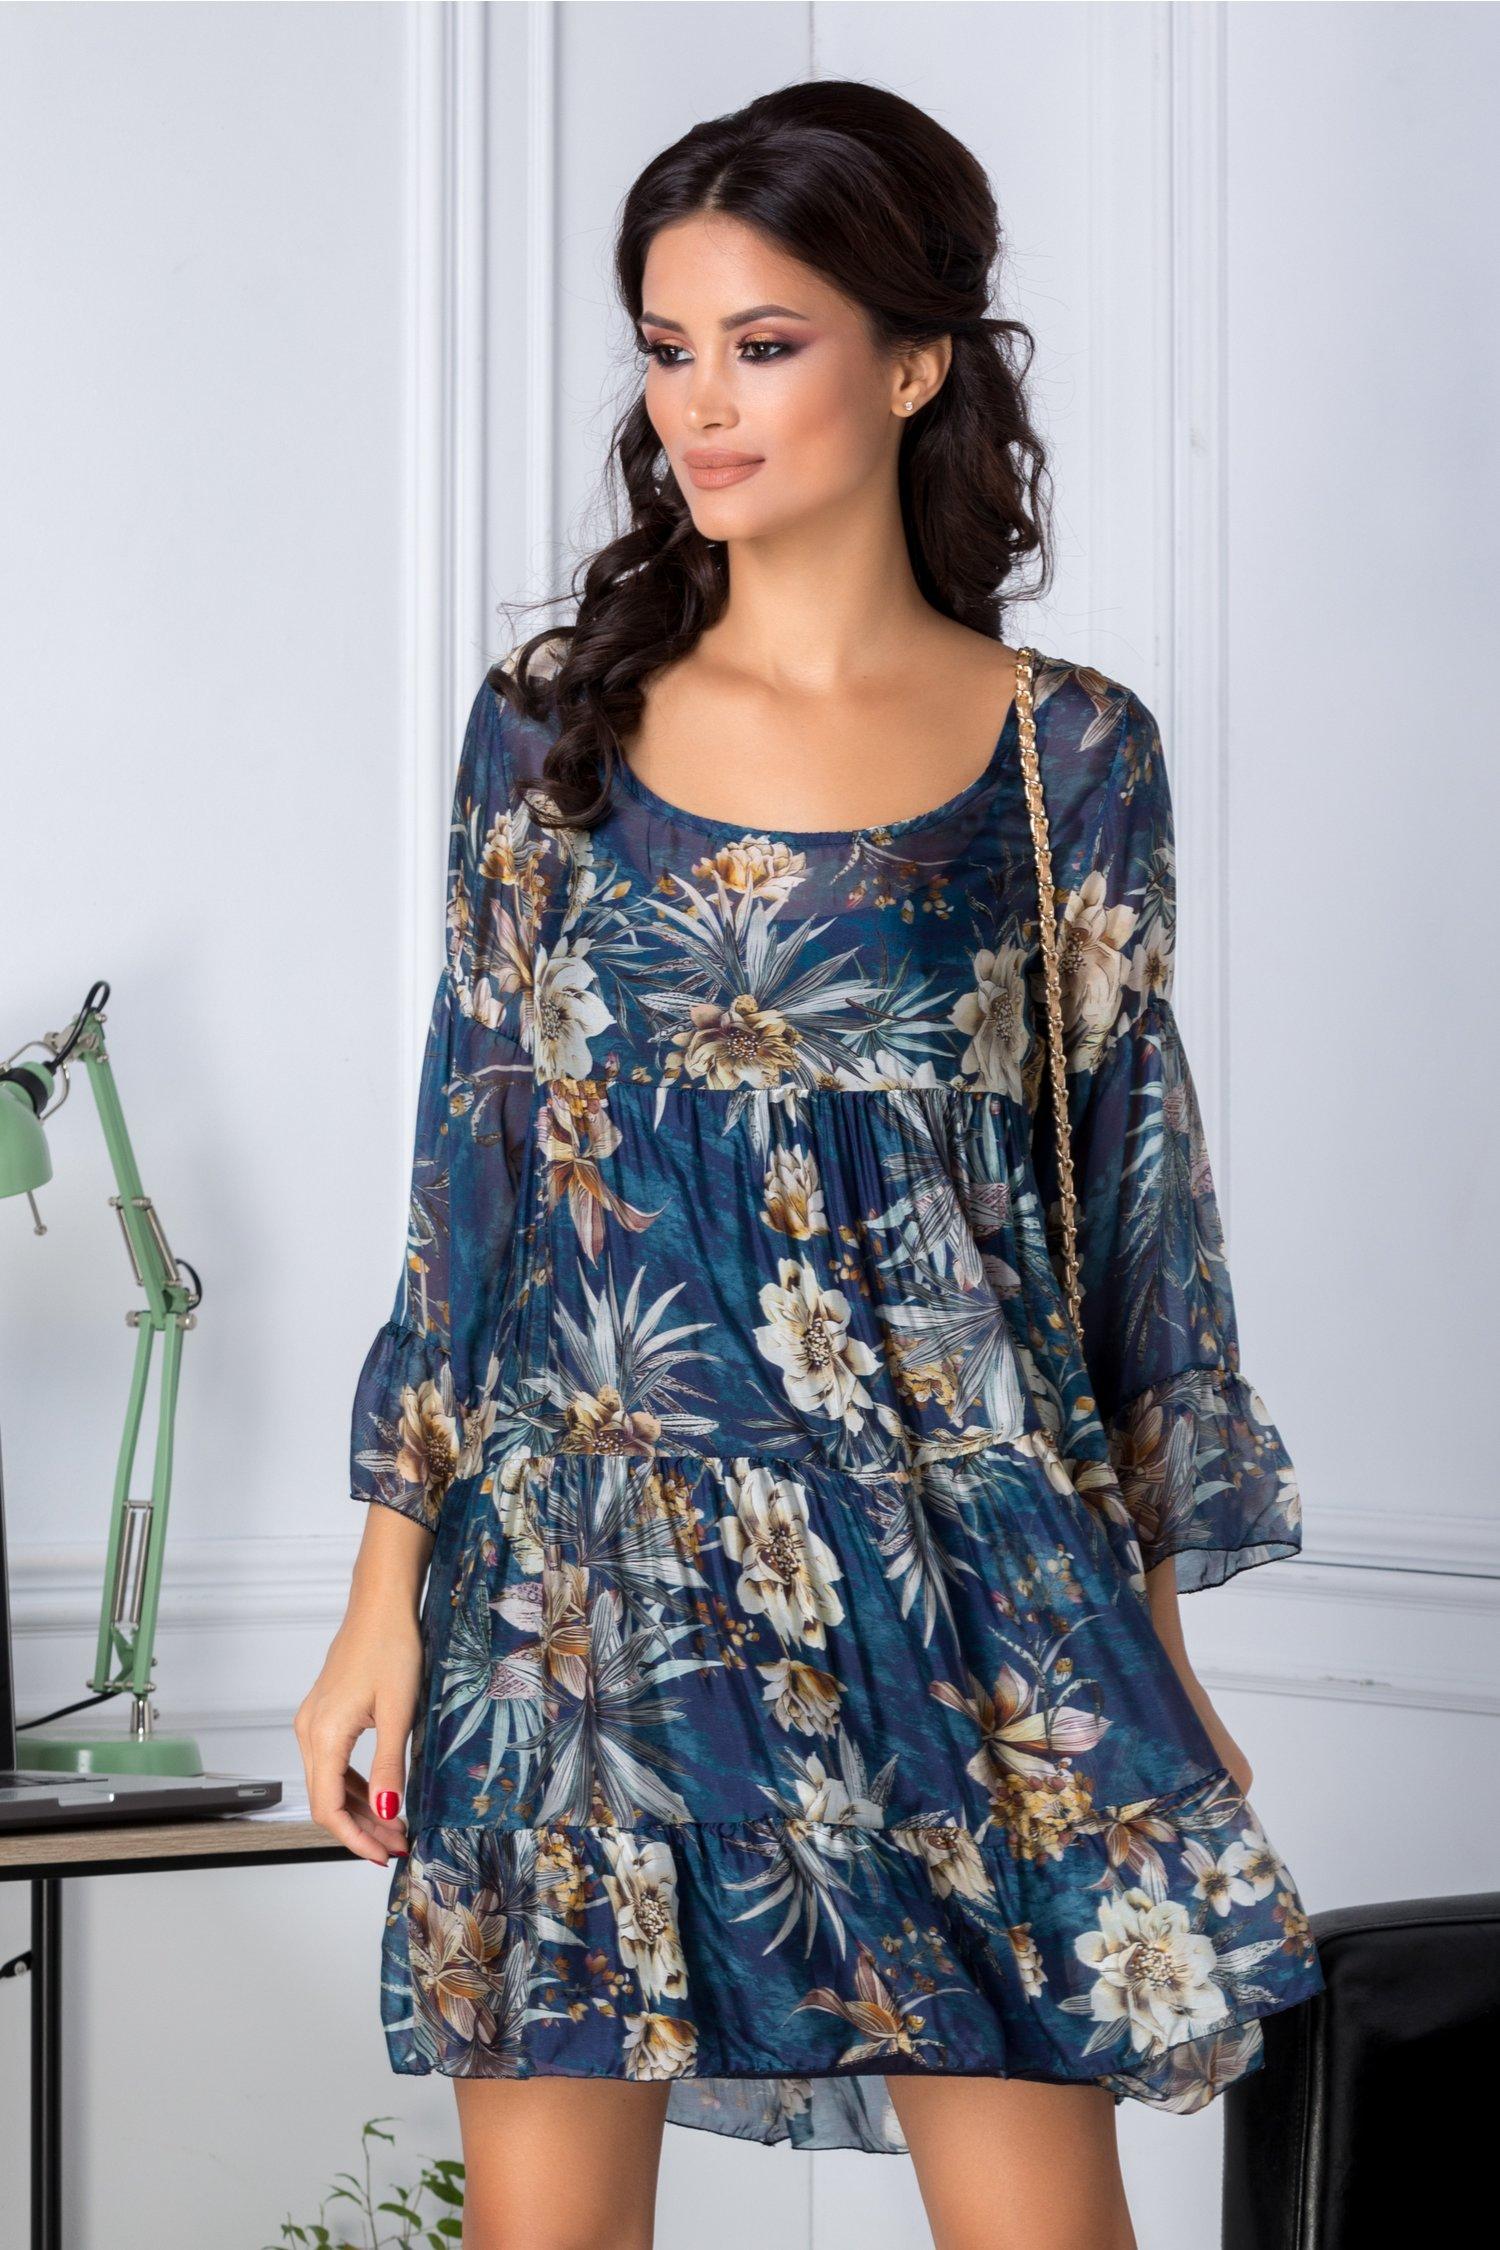 Rochie Dany albastra vaporoasa cu imprimeu floral